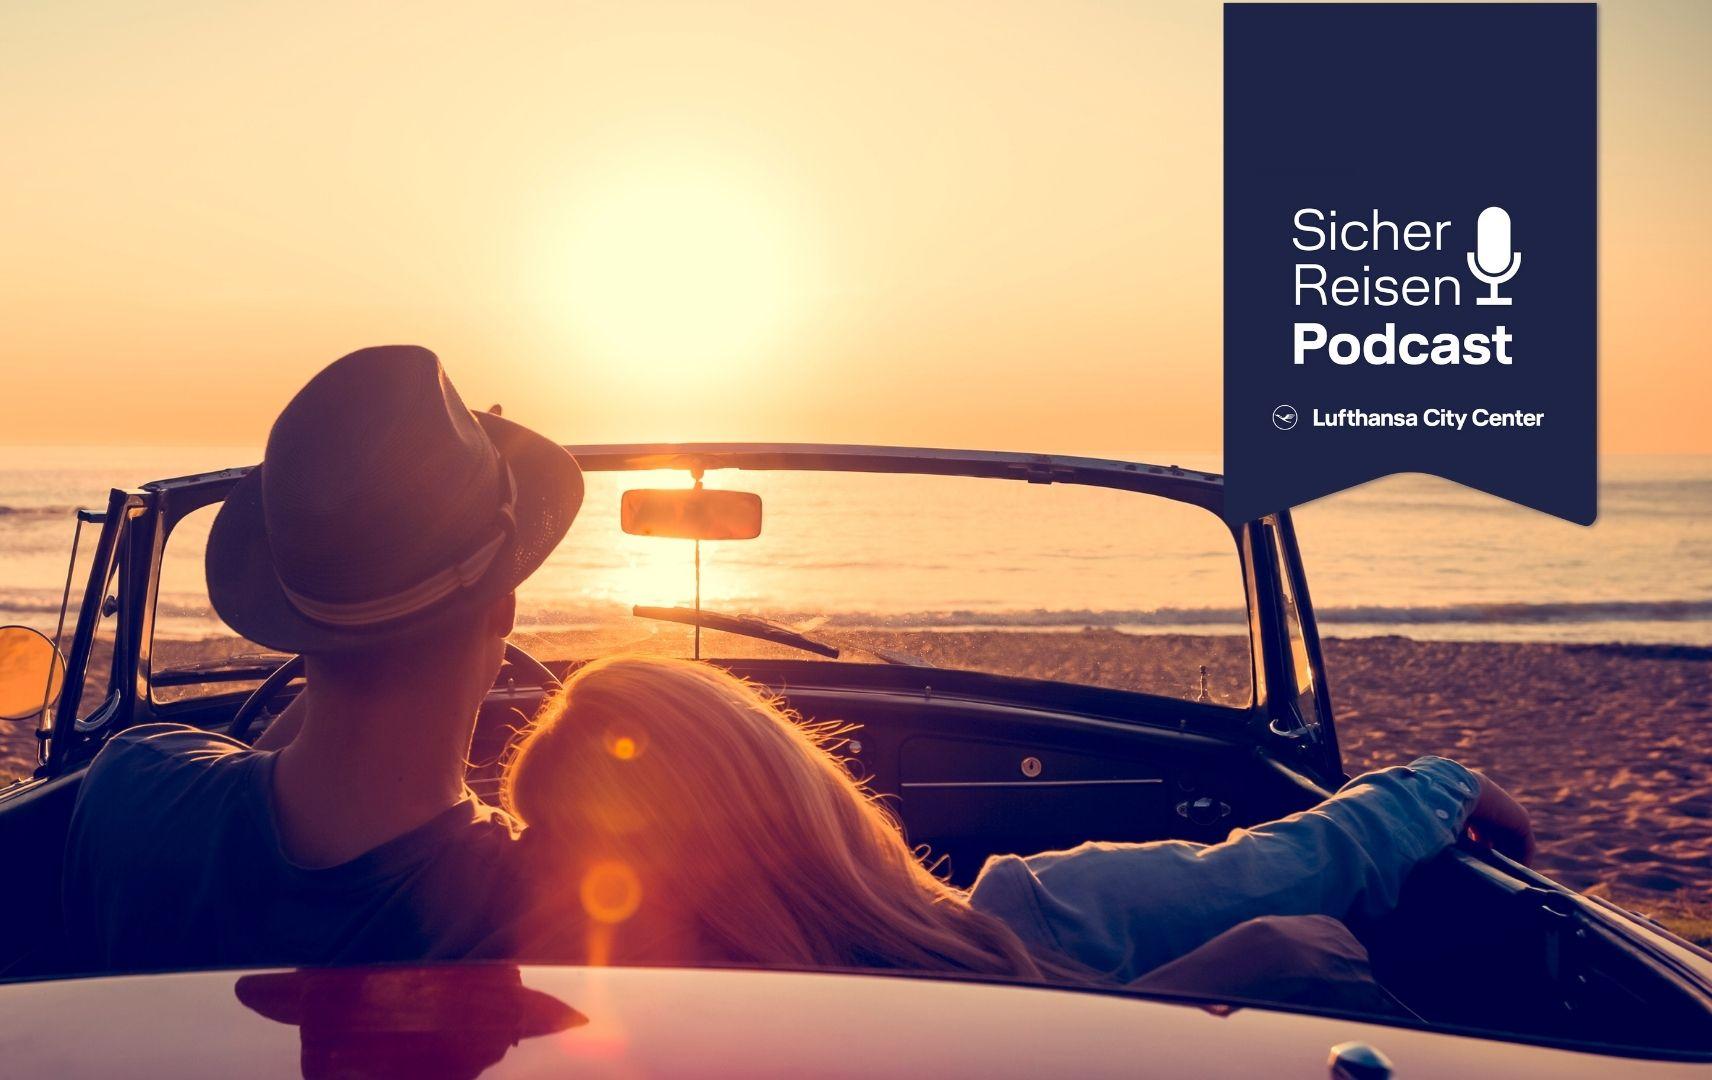 Pärchen im Auto im Urlaub, Sicher Reisen Podcast